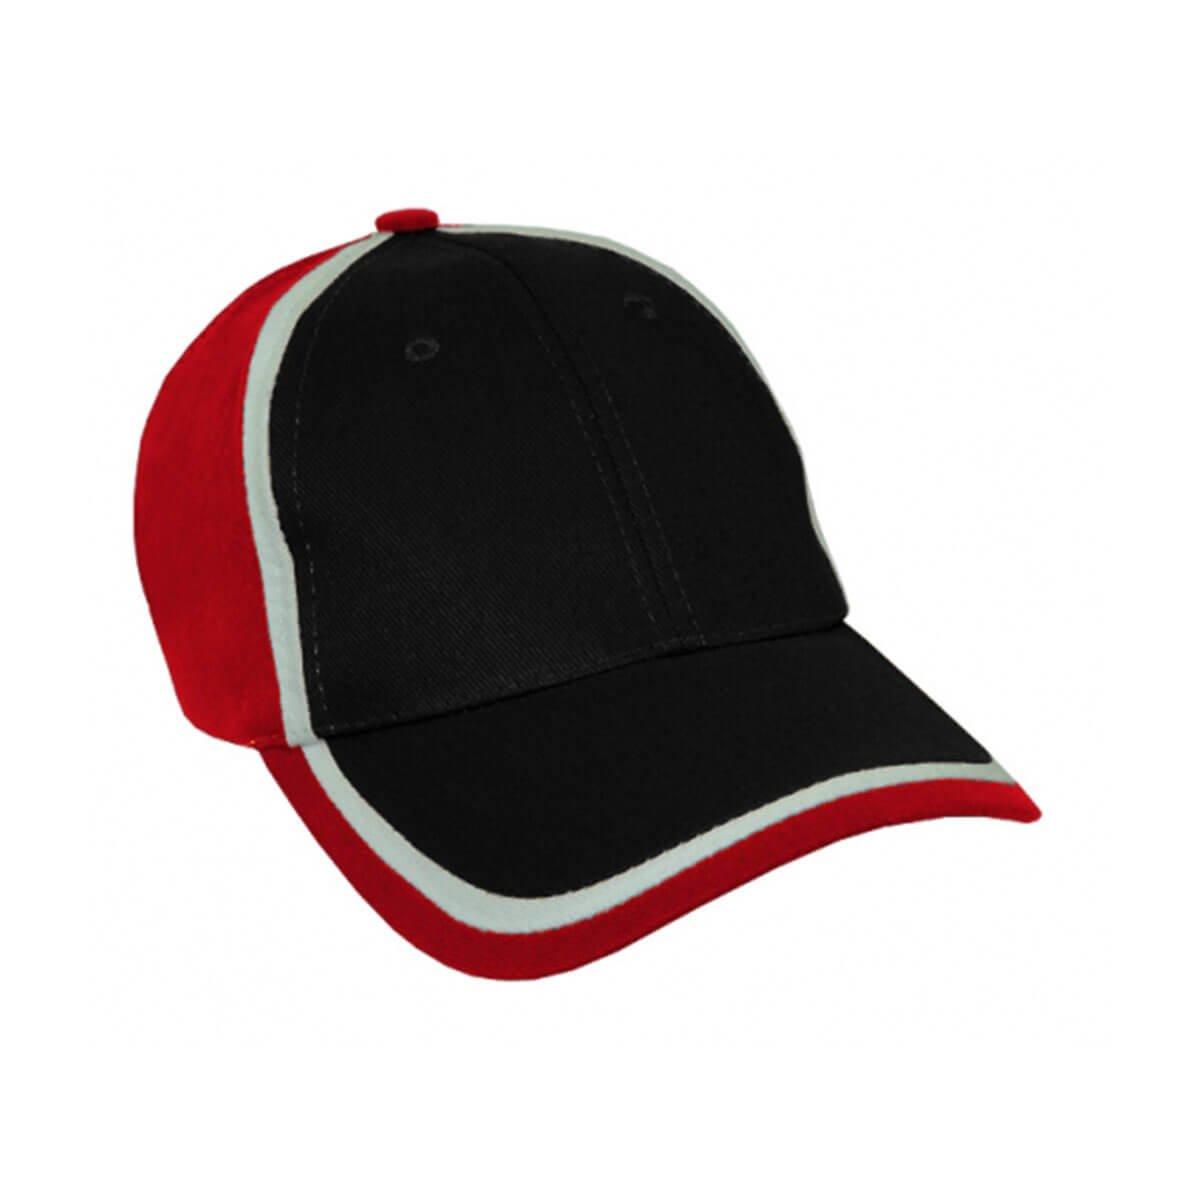 HBC Trim Design Cap-Black / White / Red